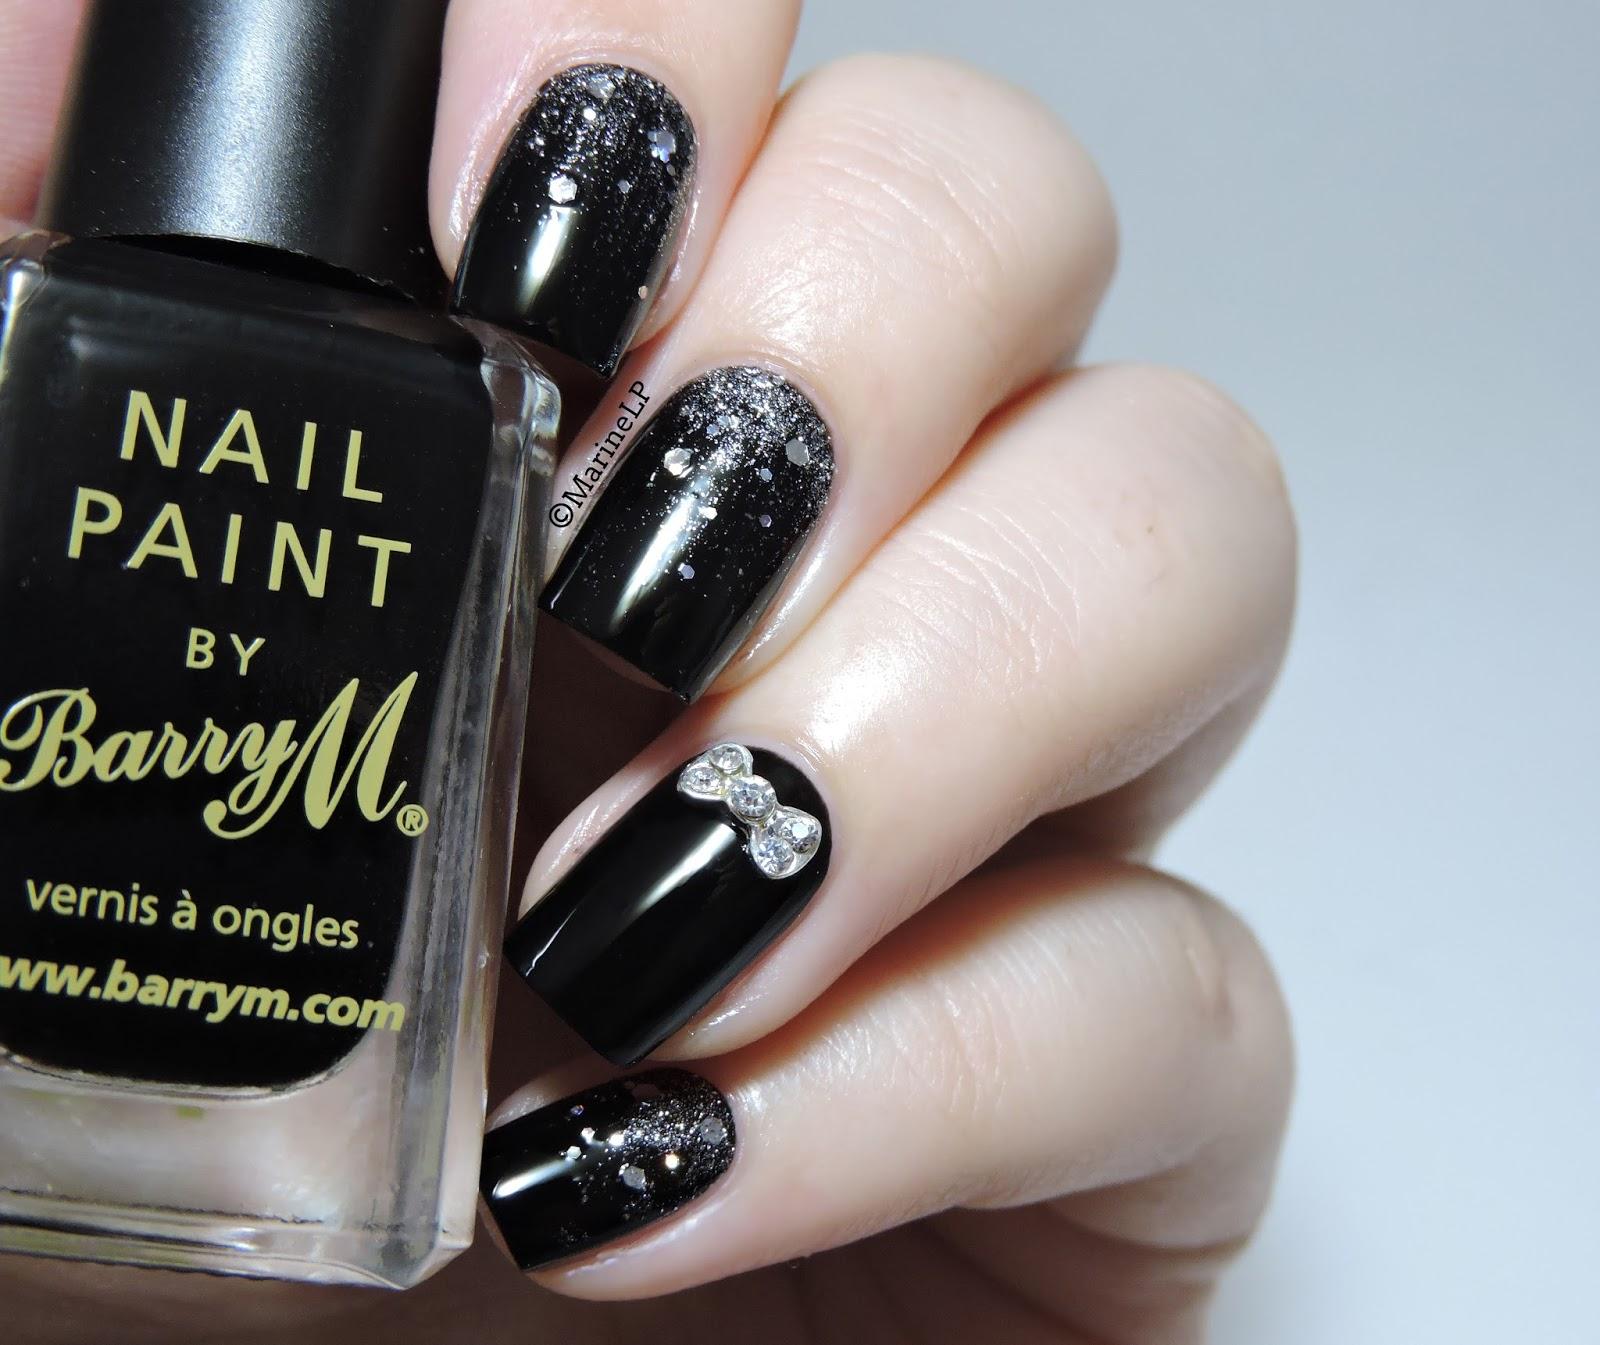 Nailstorming - Graou Nails - Marine Loves Polish and More